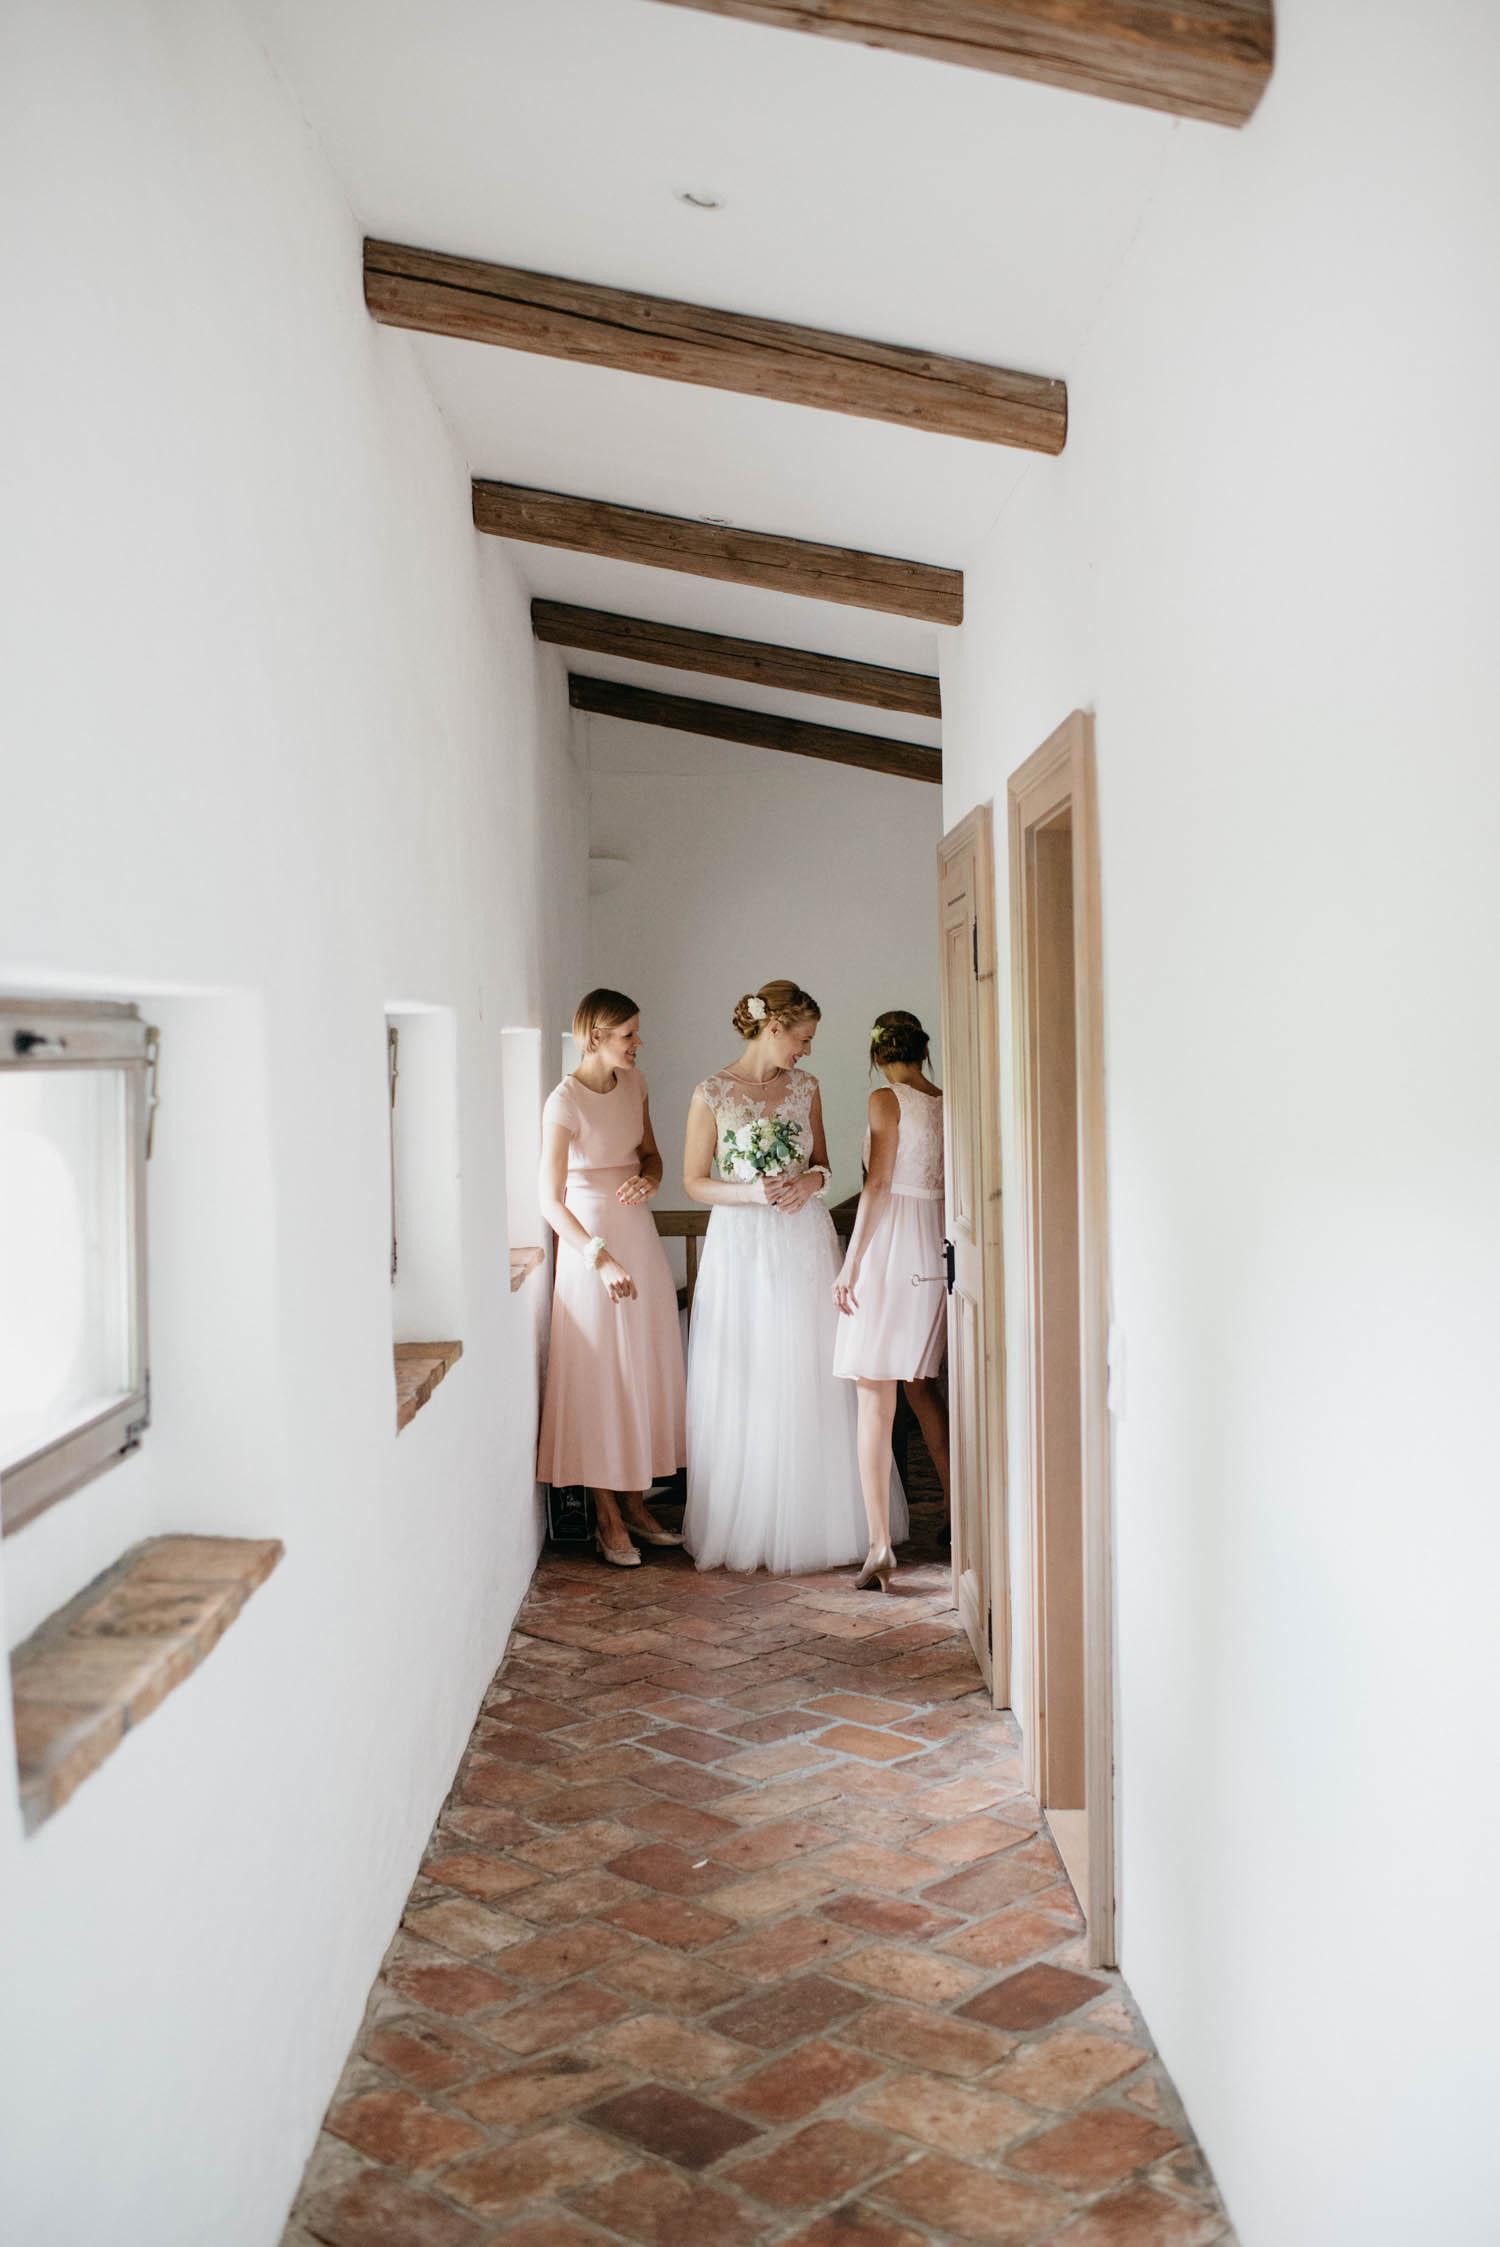 wewillweddings-hochzeitsfotografen-schloss-altenhof-wien-tirol-__sterreich-manuelamichael-85 Hochzeitstipps Teil 1 - Das Getting Ready